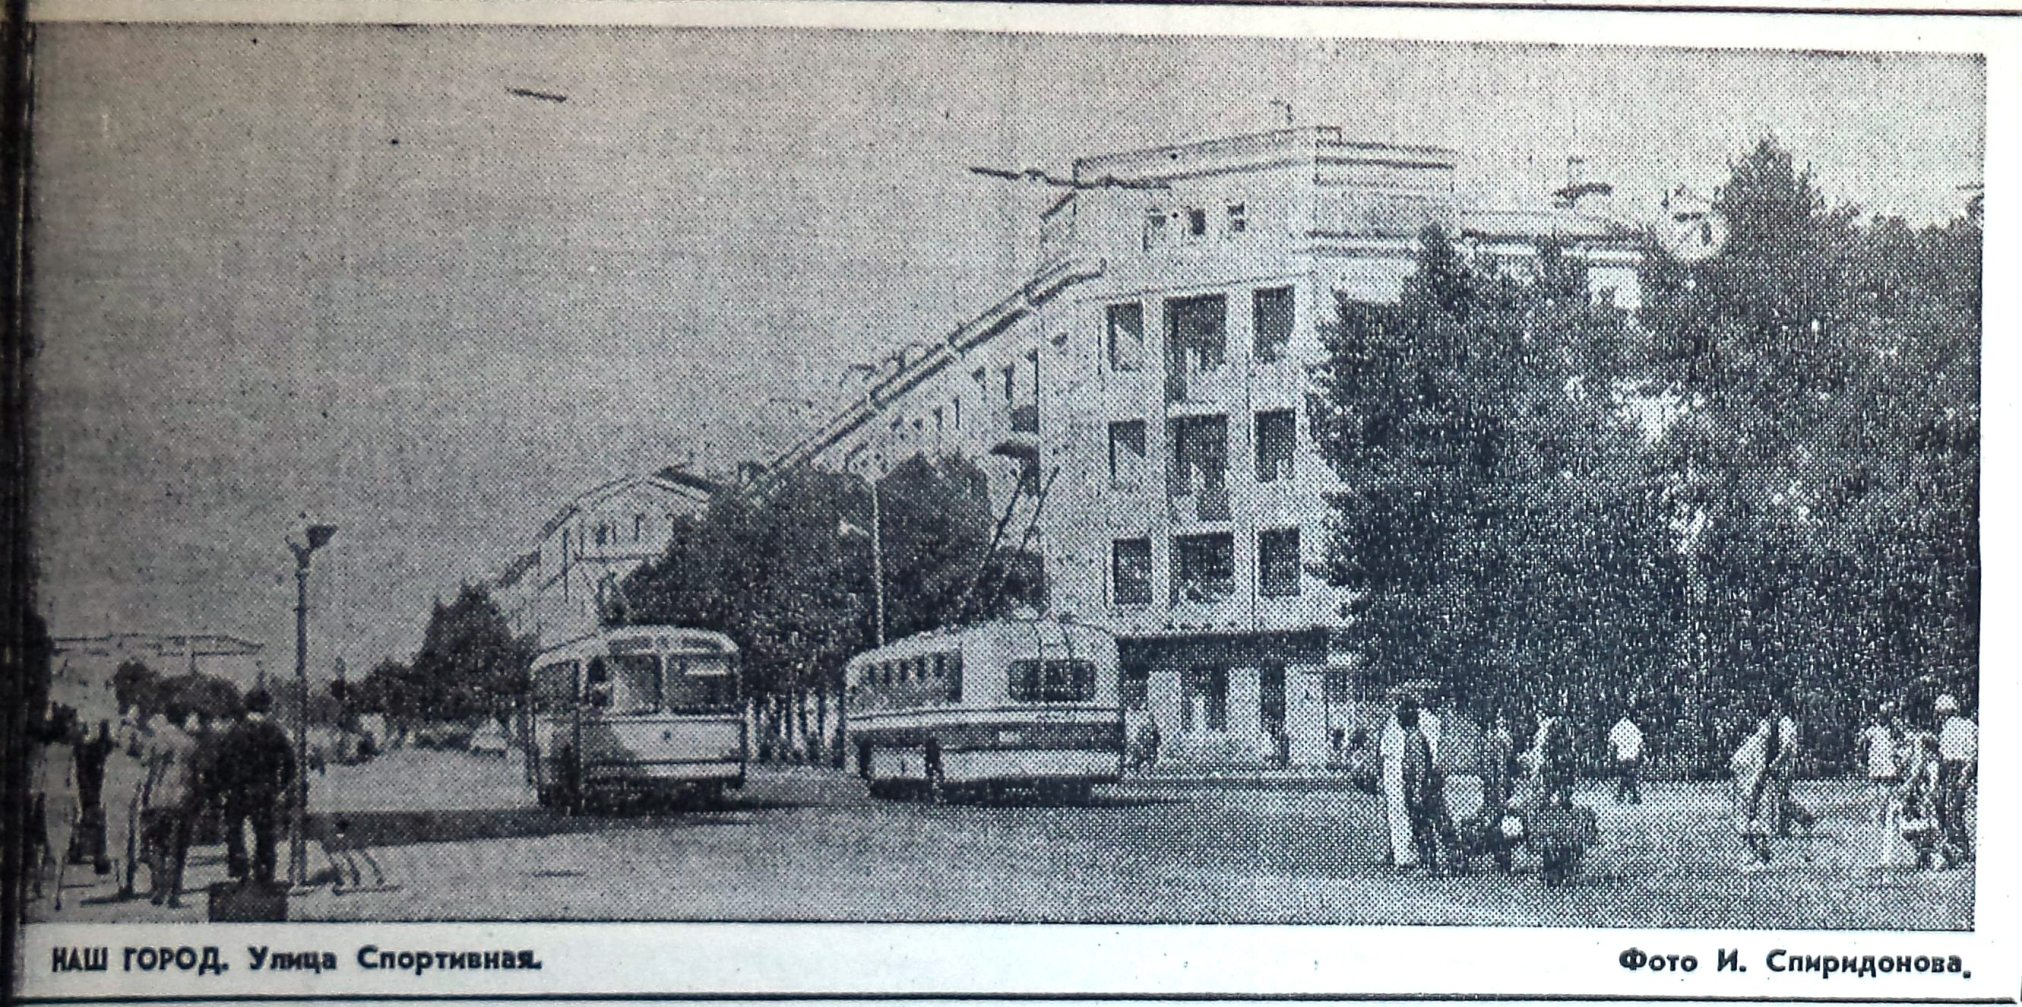 Спортивная-ФОТО-66-ВЗя-1971-08-02-фото с ул. Спорт.-min